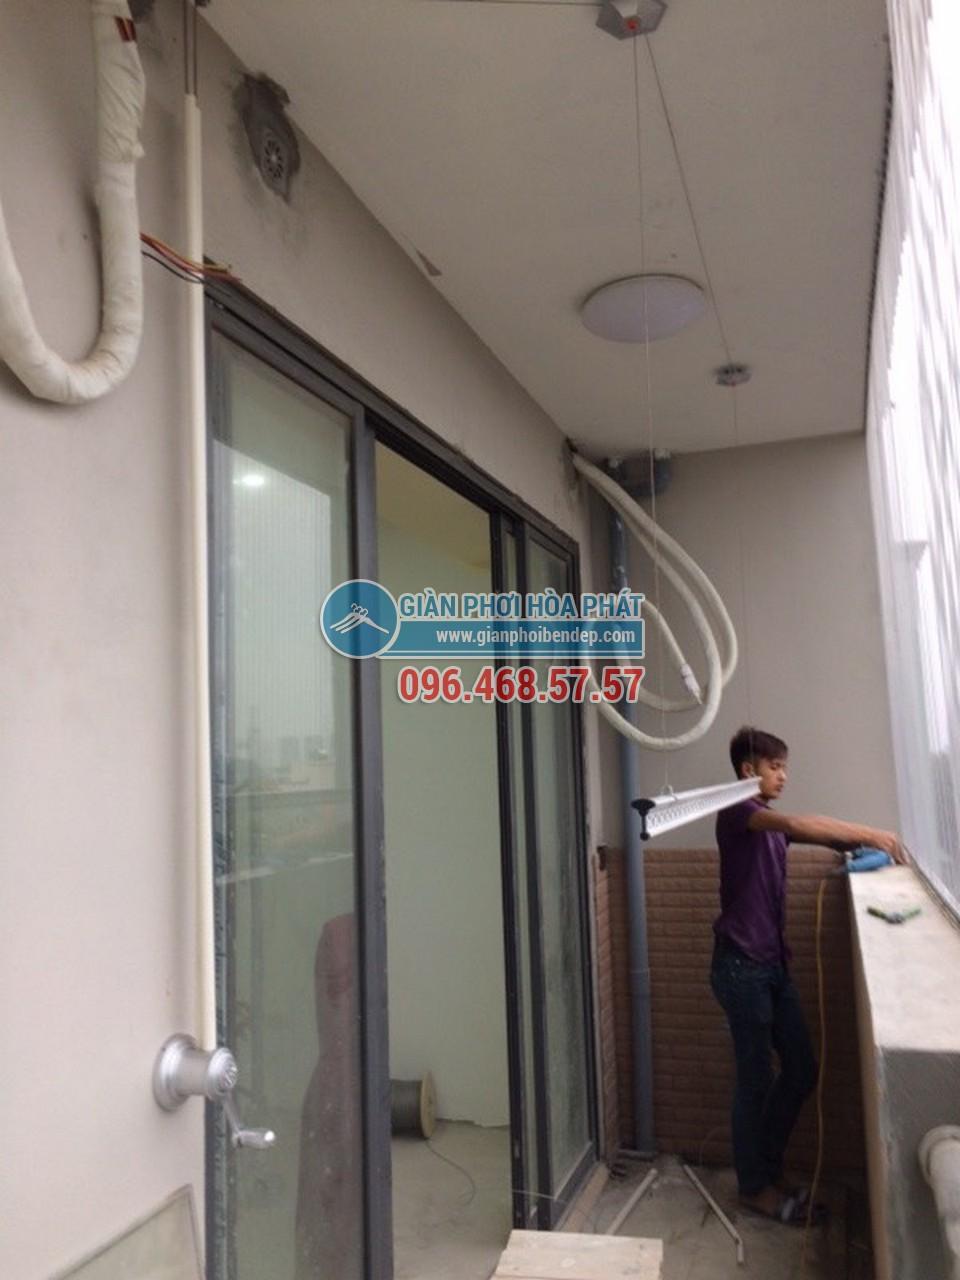 Lắp đặt giàn phơi thông minh cho ban công dài hẹp nhà anh Nam, tòa HH4 Linh Đàm - 03